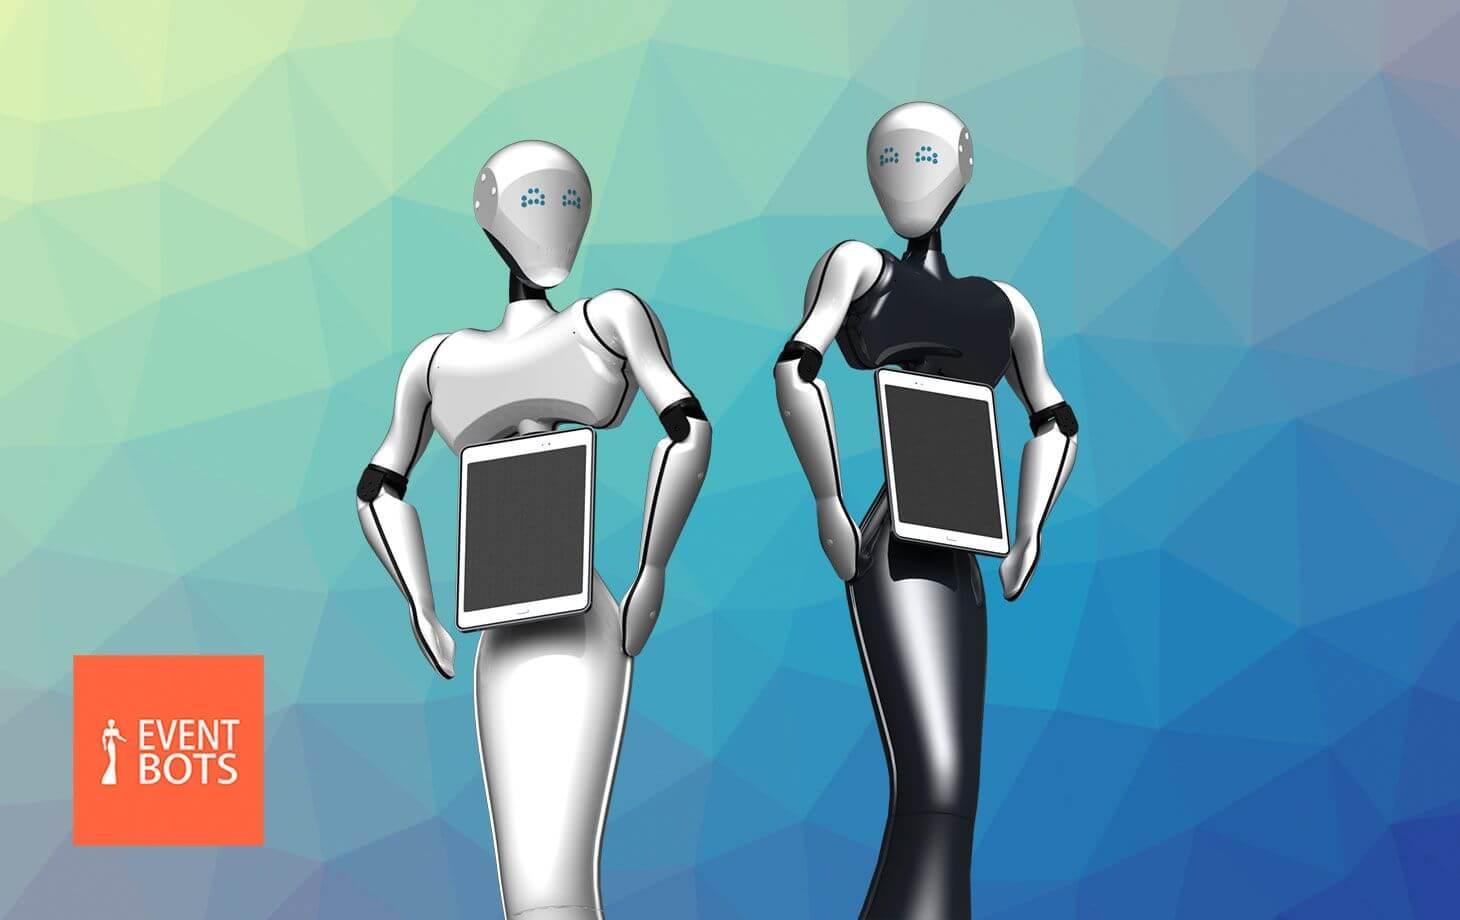 Event Bots :  conçoit et fabrique des robots humanoïdes d'accueil TiKi et Maava